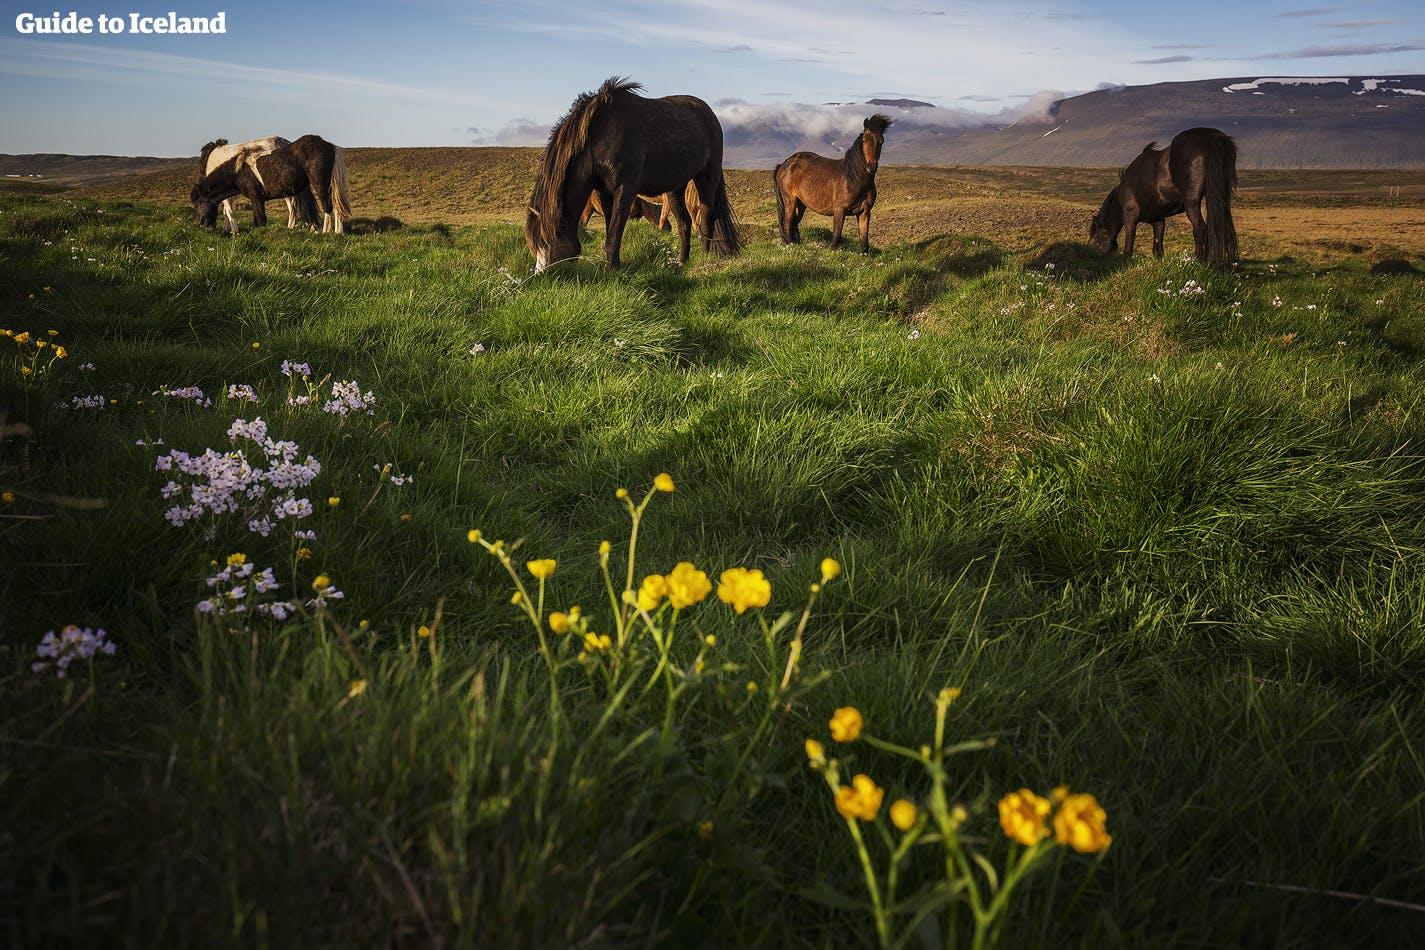 ม้าไอซ์แลนด์เล็มหญ้าในหน้าร้อน